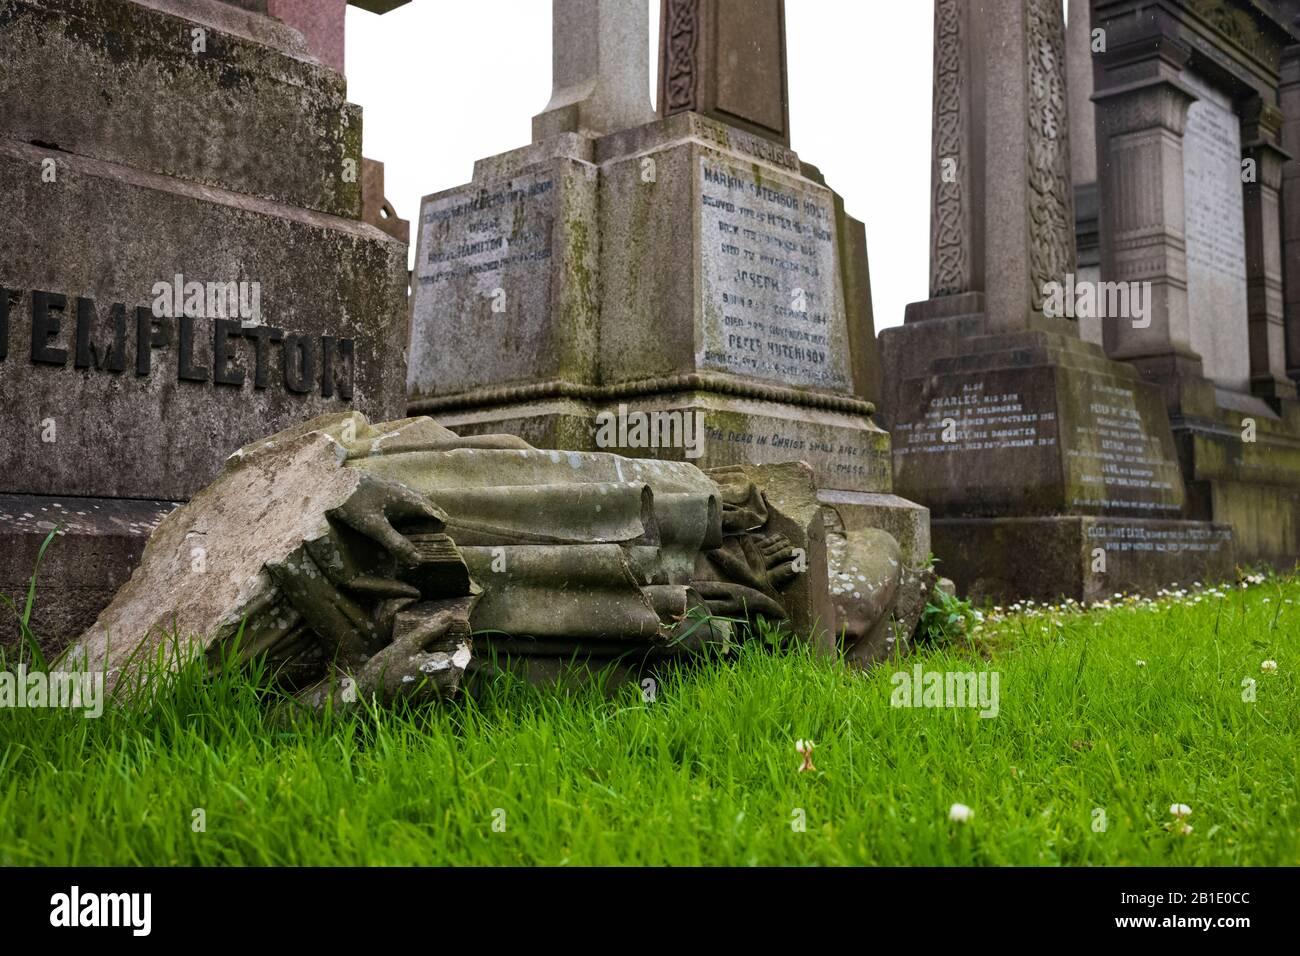 Glasgow, Escocia/Reino Unido - 29 de junio de 2019: La necrópolis de Glasgow, un cementerio victoriano, está situada en una colina baja, pero muy prominente al este de Glassgo Foto de stock